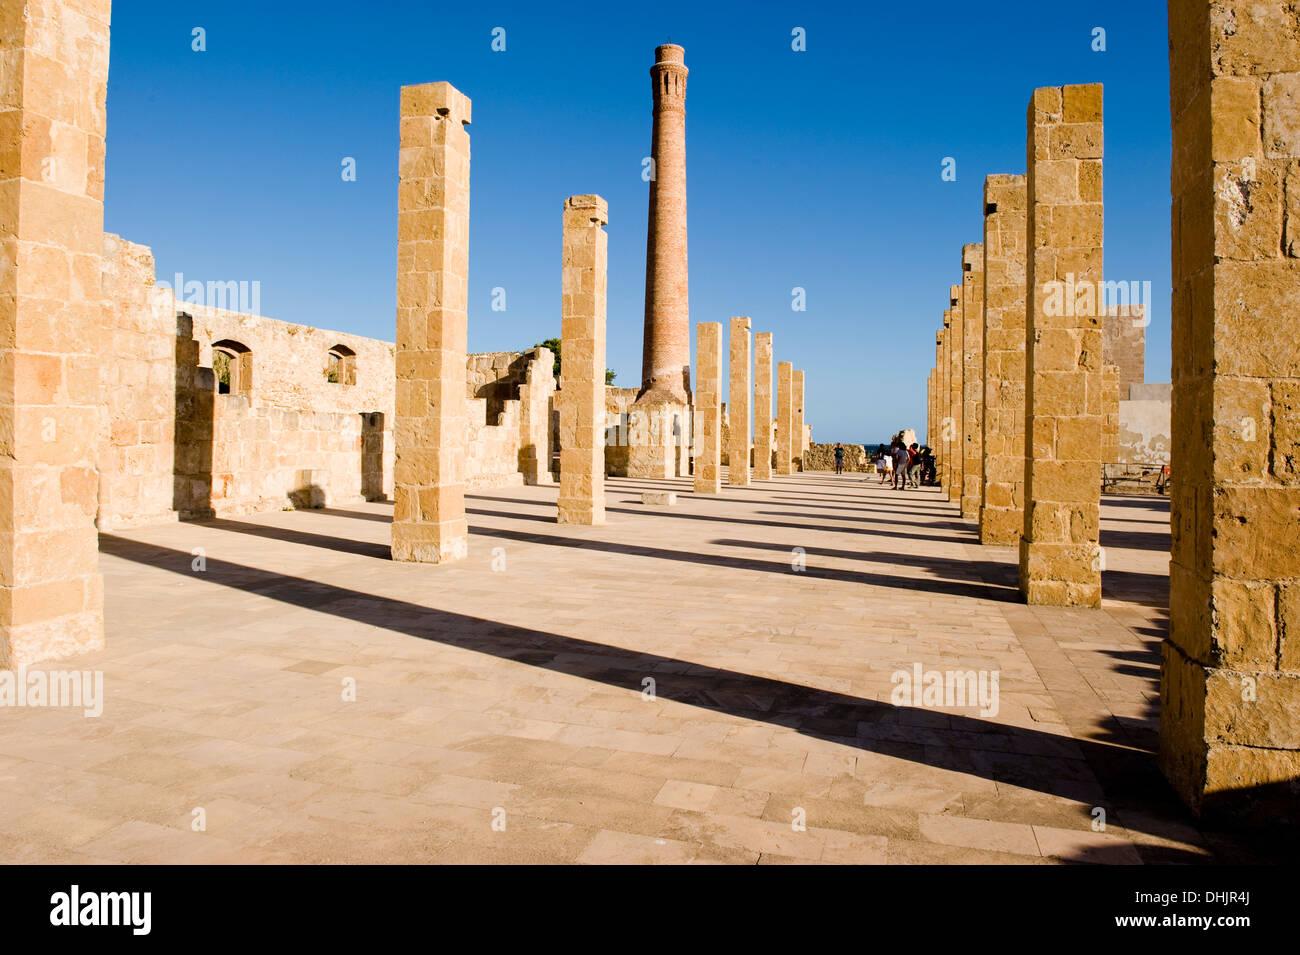 Ruine of a tuna factory, Nature Reserve Oasi di Vendicari, ruin, Sicily, Italy Stock Photo